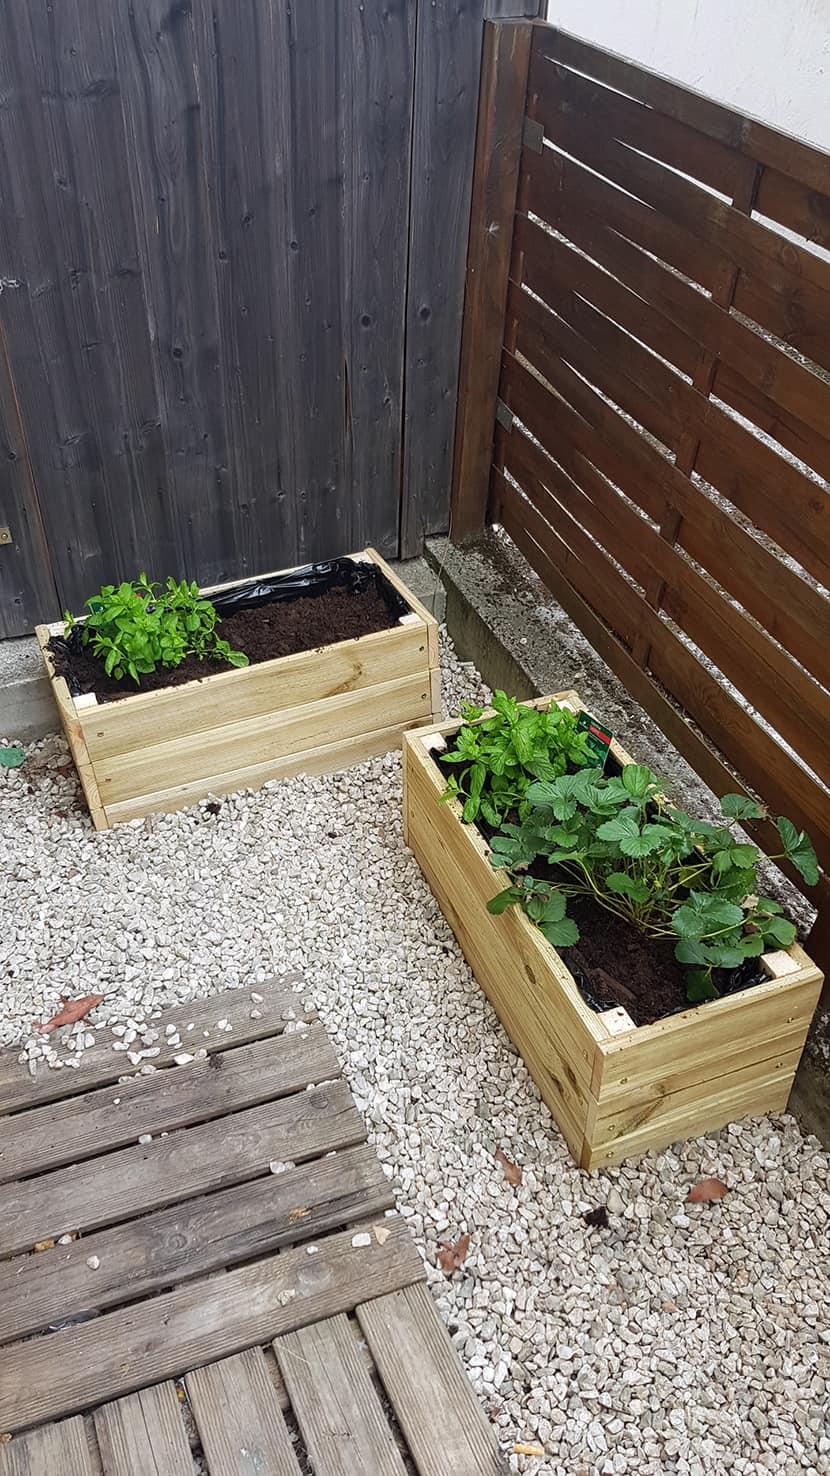 menthe et fraise dans jardiniere jardin - 8 DIY pour décorer le balcon